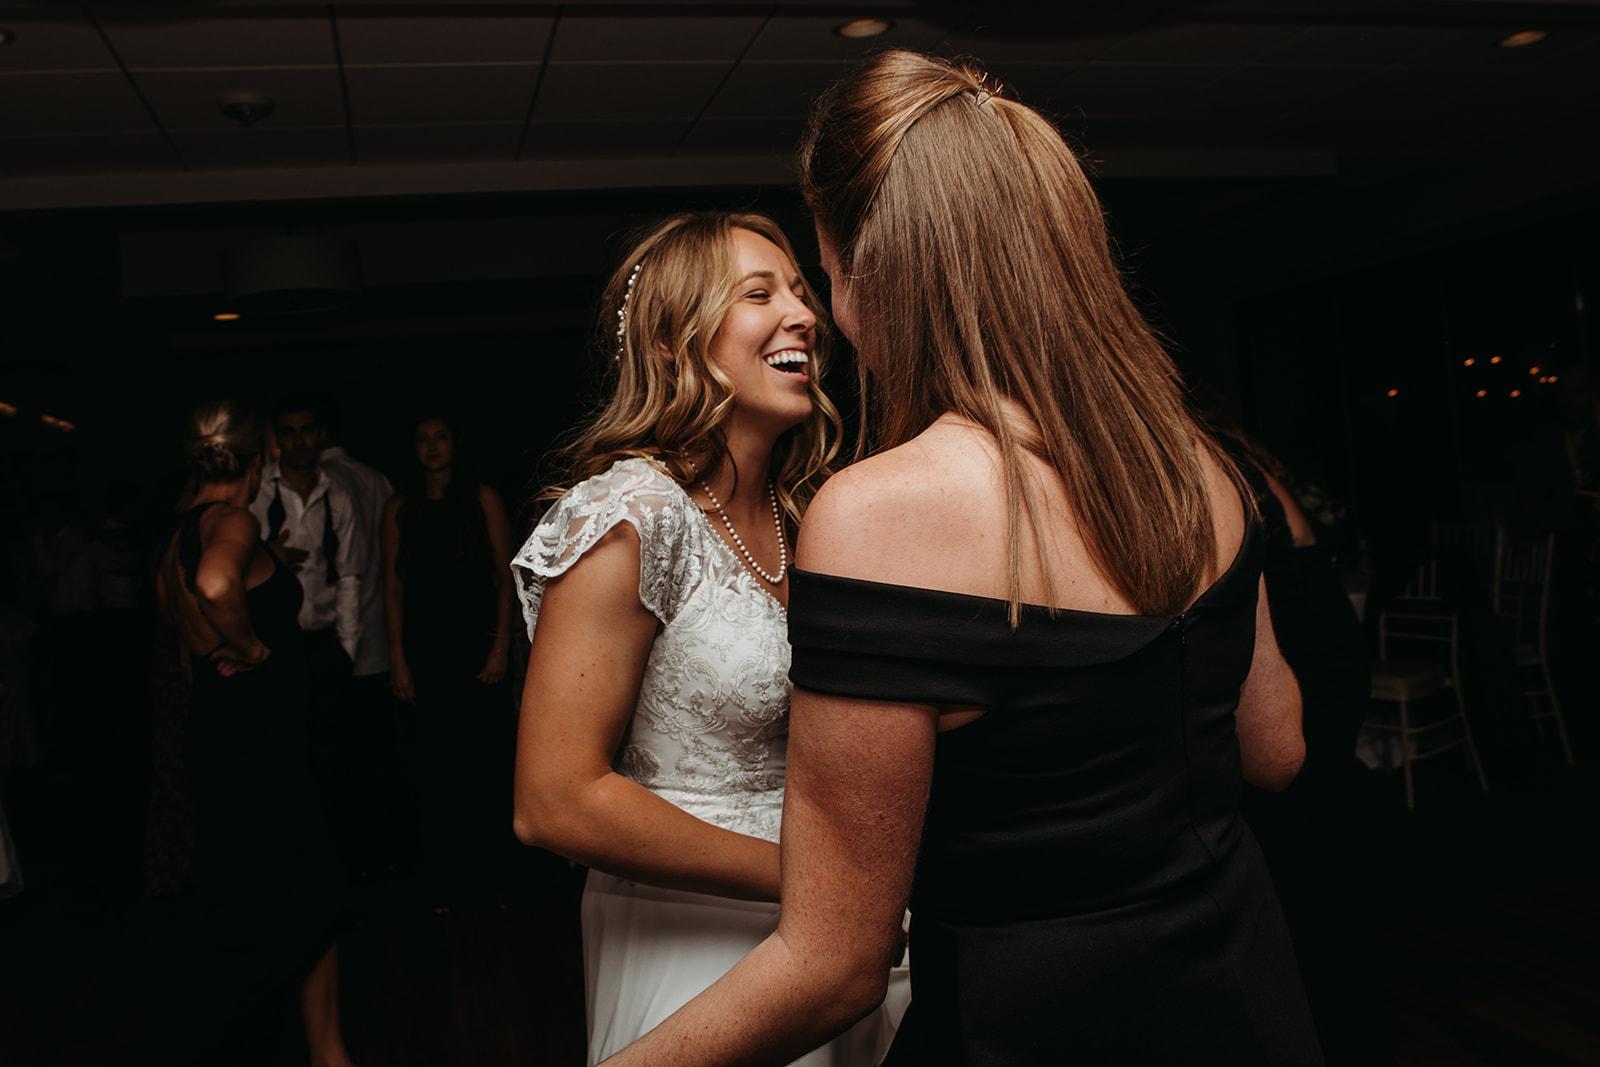 dances-bouquet-reception-2018200125.jpg